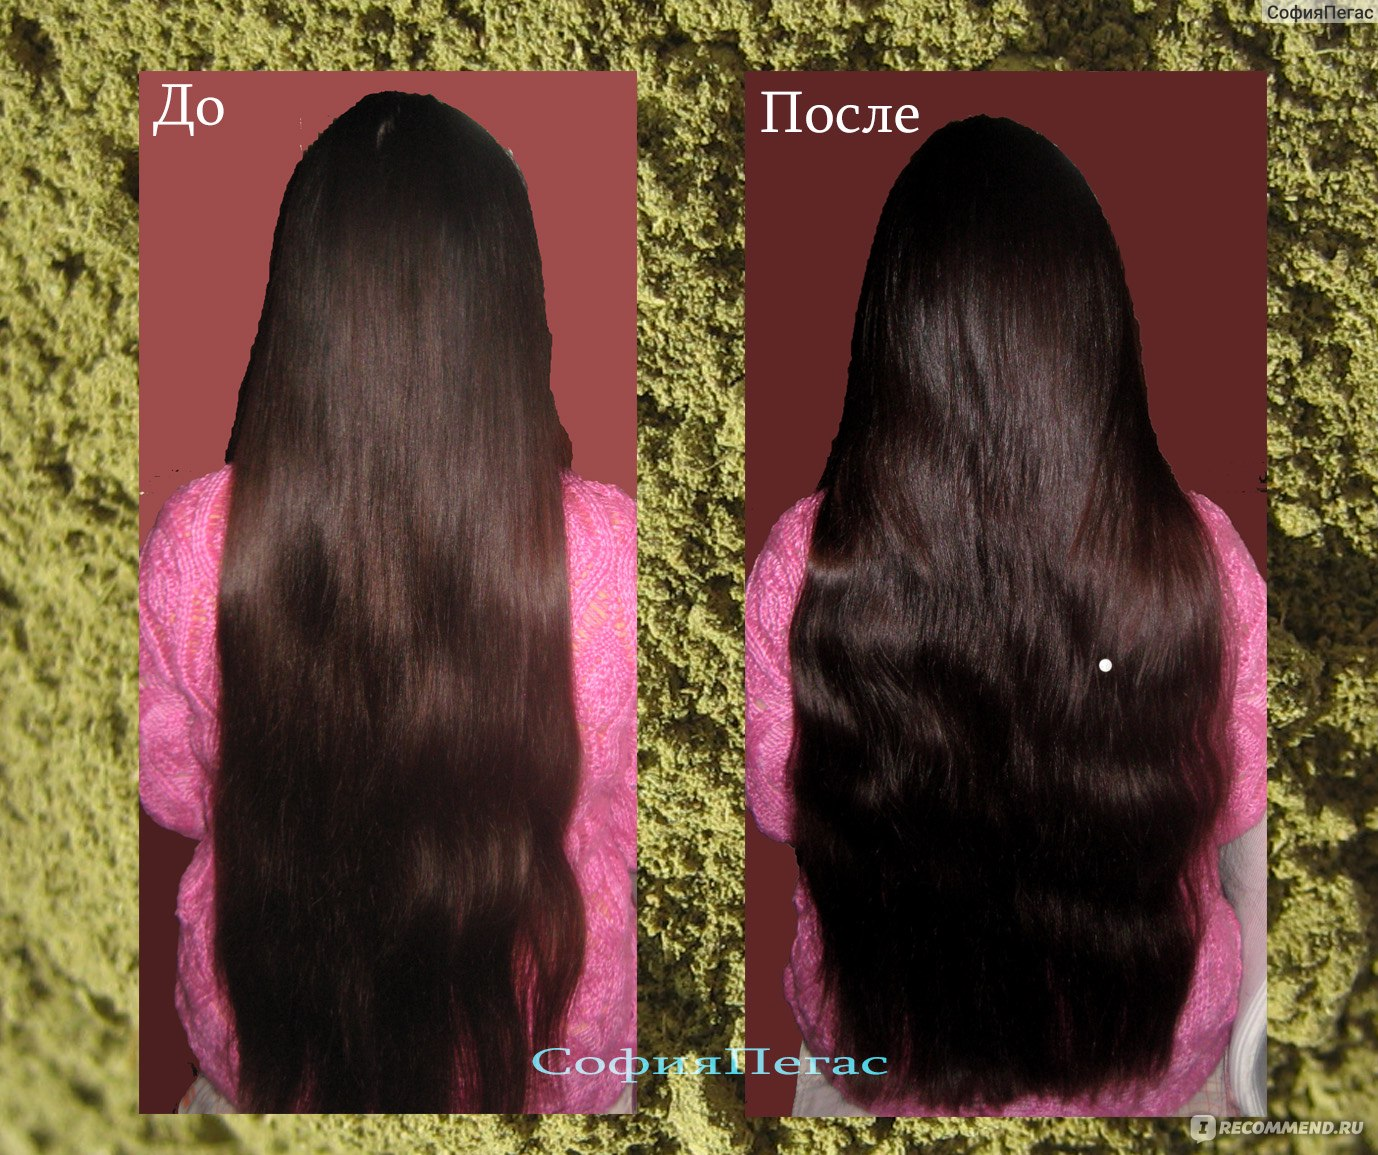 Цвет молочного шоколада на волосах: палитра оттенков и правила окрашивания